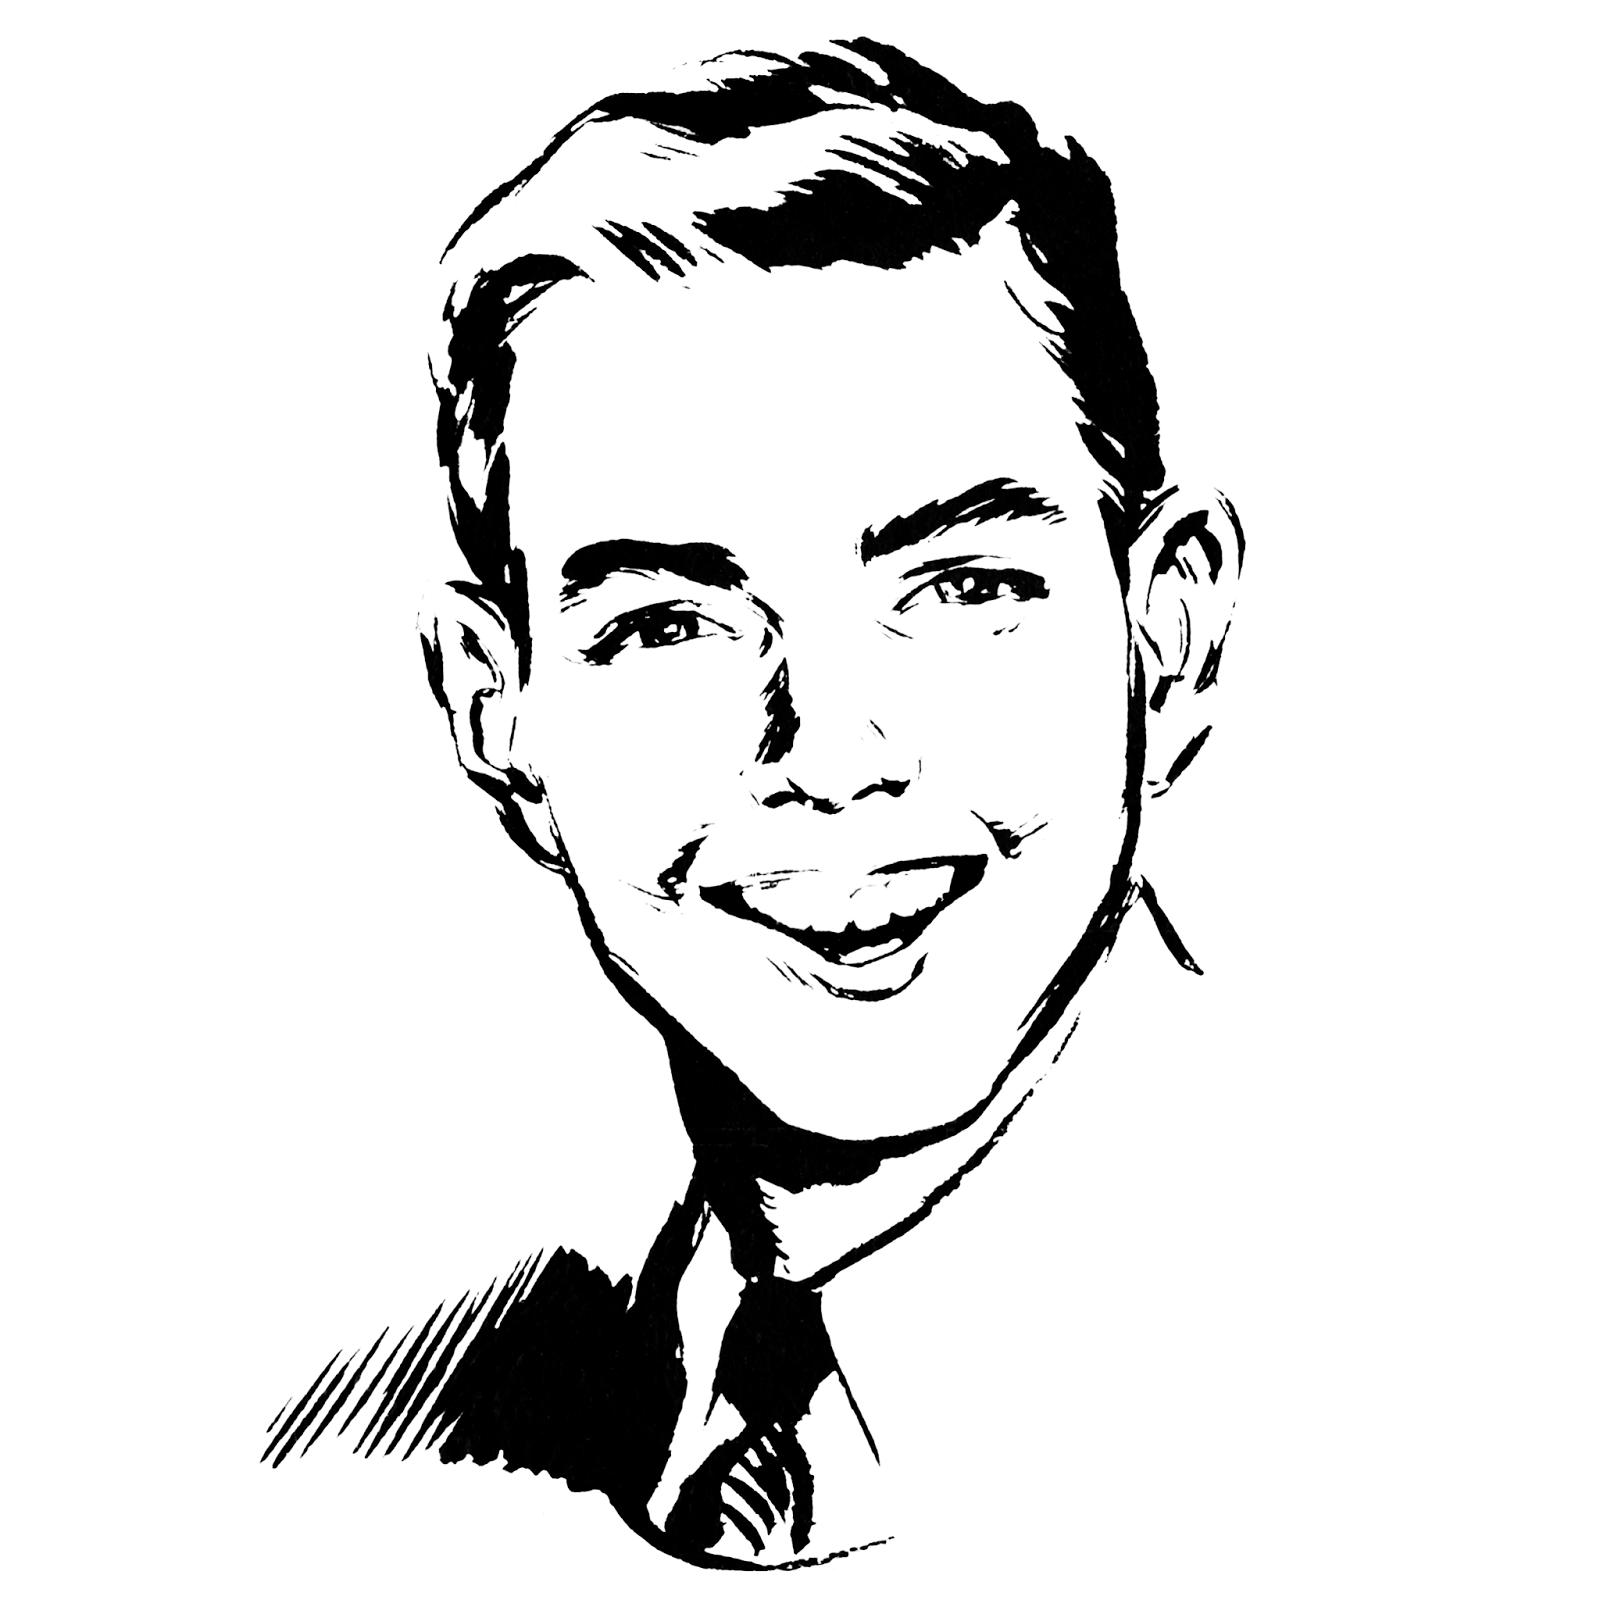 Man S Face Line Drawing : Rosehaven cottage studio freebie vintage image set